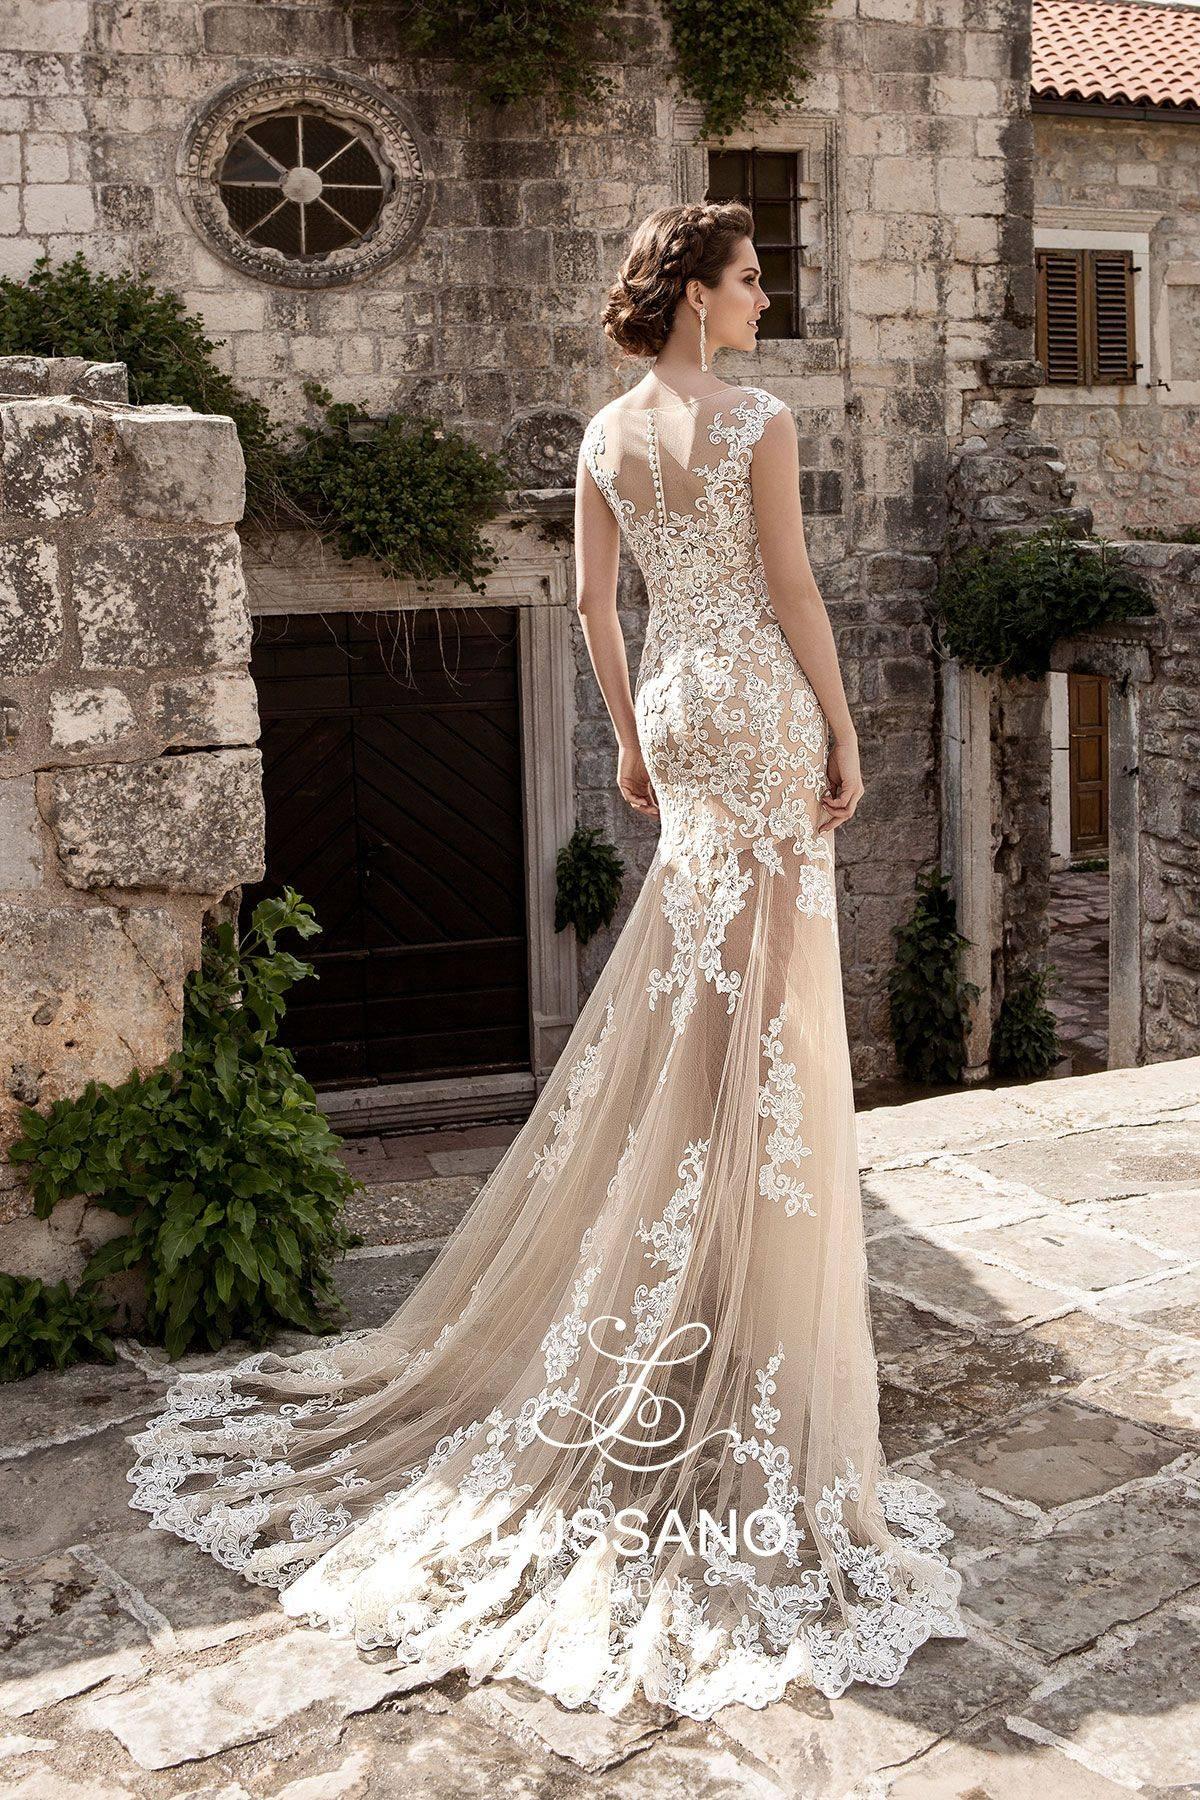 Свадебное платье своими руками: как сшить, выкройки, технология пошива (33 фото)